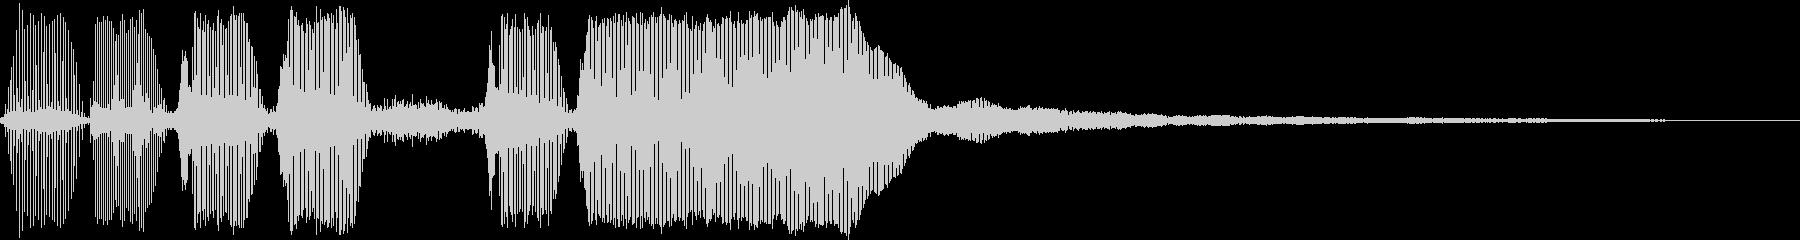 ラッパのファンファーレ(生演奏)の未再生の波形